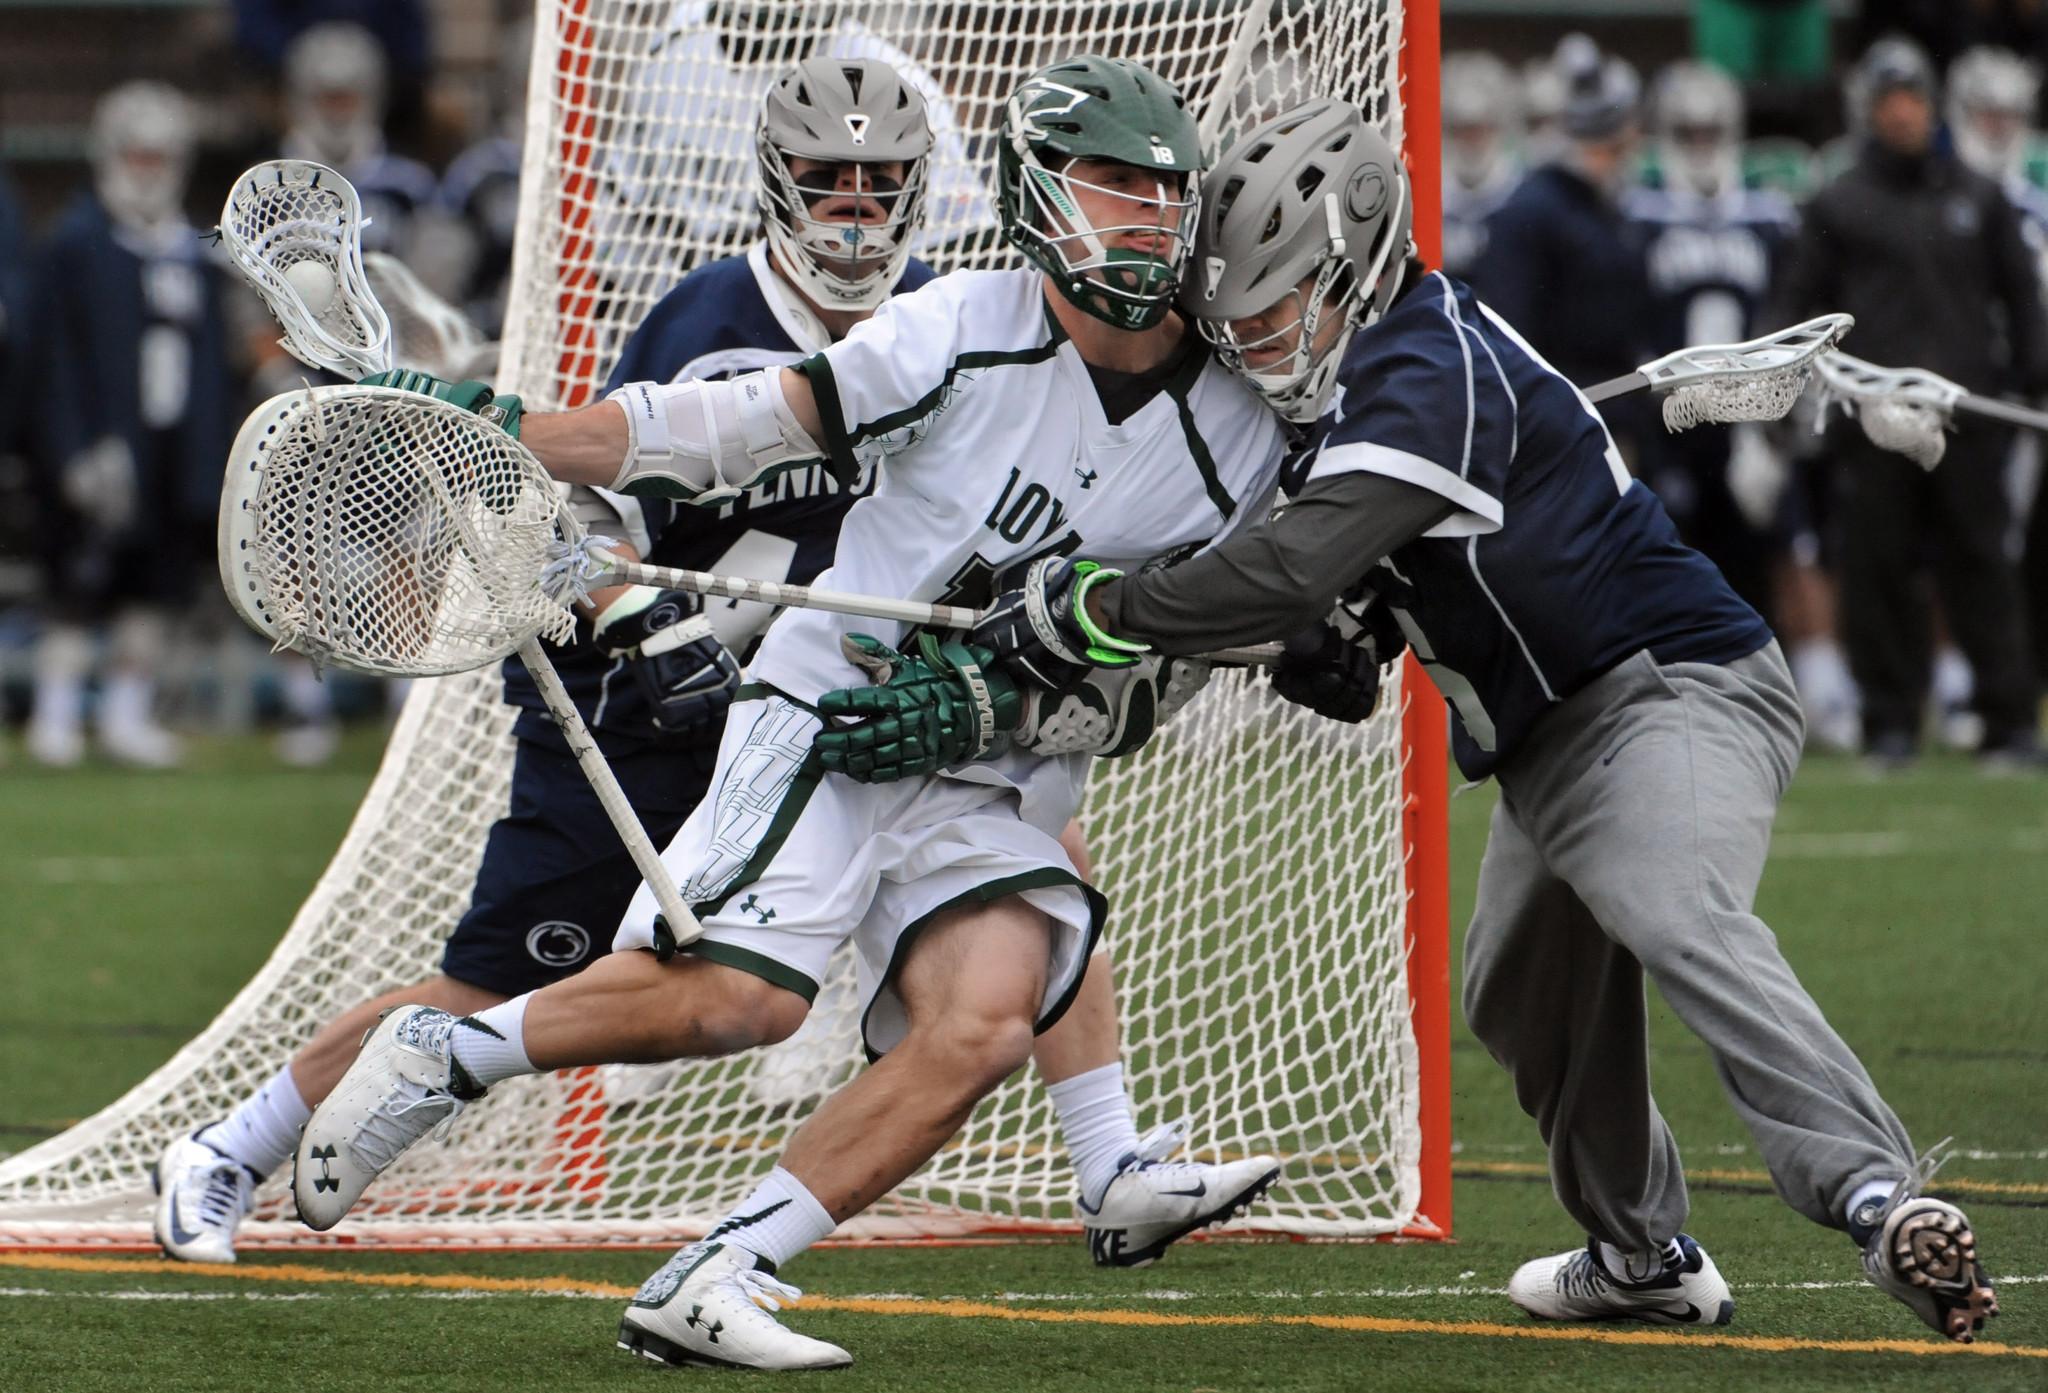 Penn State's starting men's lacrosse goalie killed in car ...